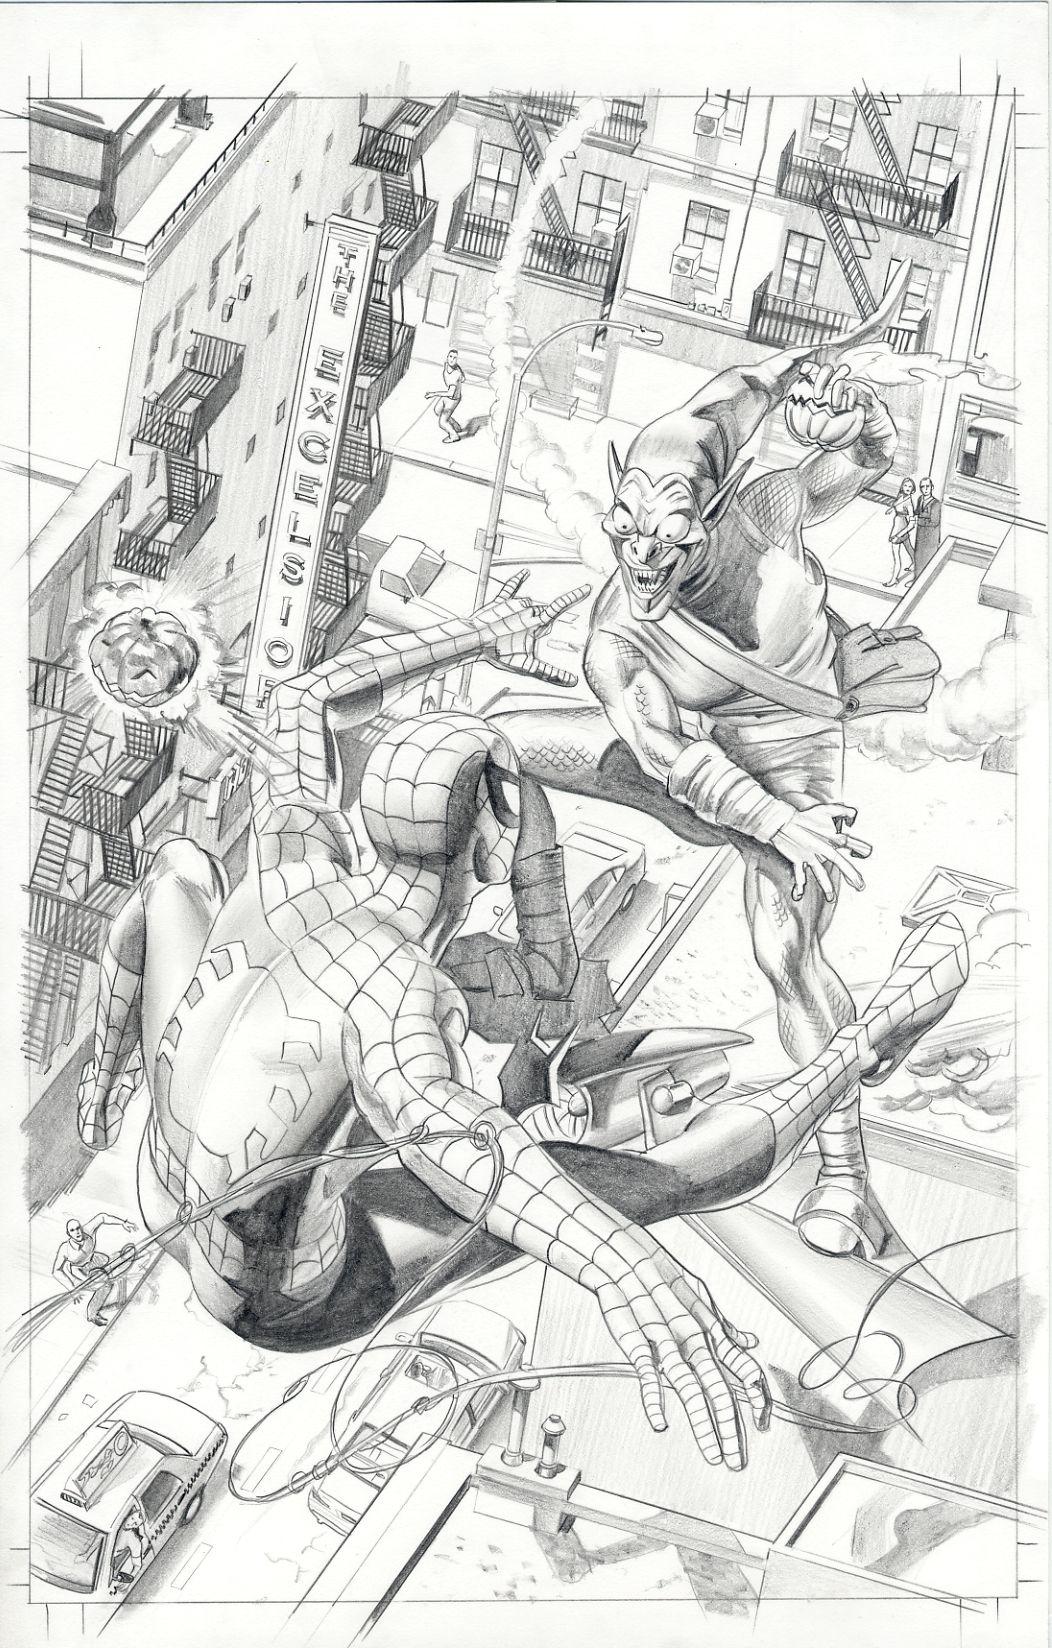 Spider-Man vs. Green Goblin - Mike Mayhew | Ilustración y comics ...